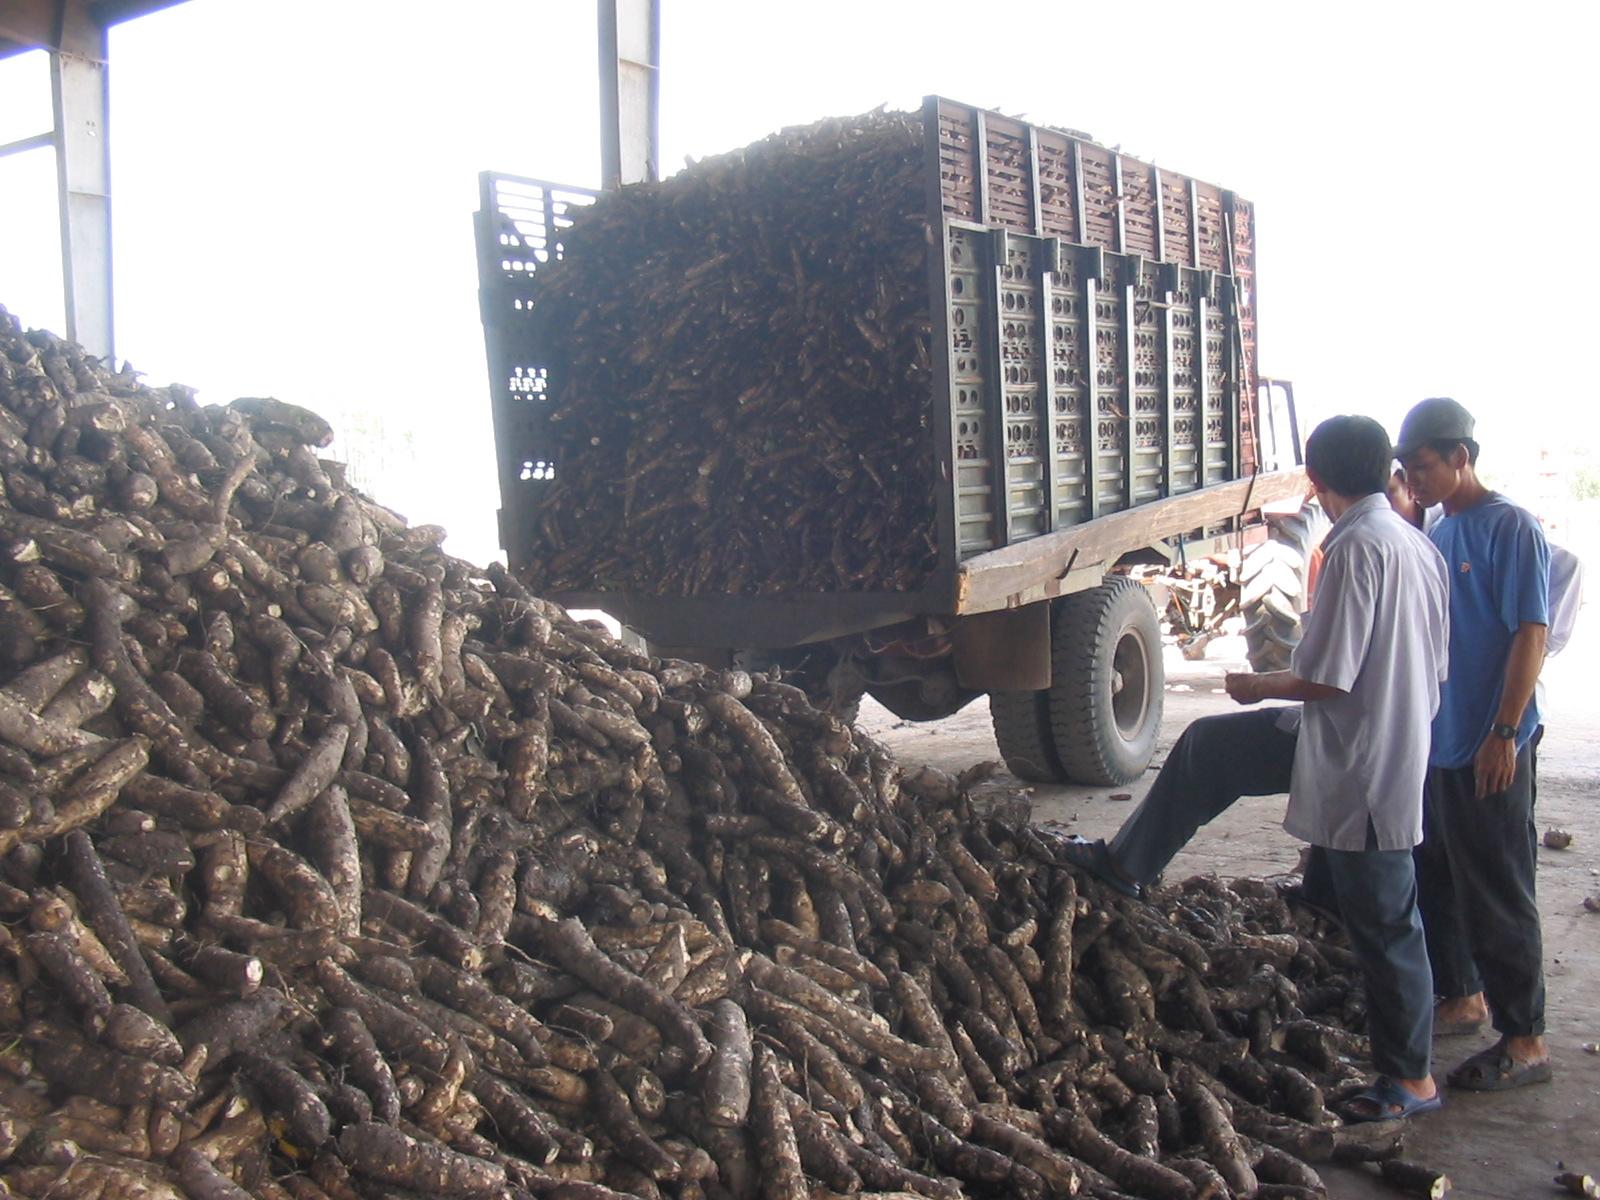 Đang nhập cả triệu tấn trộn vào thức ăn chăn nuôi, tại sao Trung Quốc đột ngột giảm mua nông sản này của Việt Nam? san 1628139508308573996048